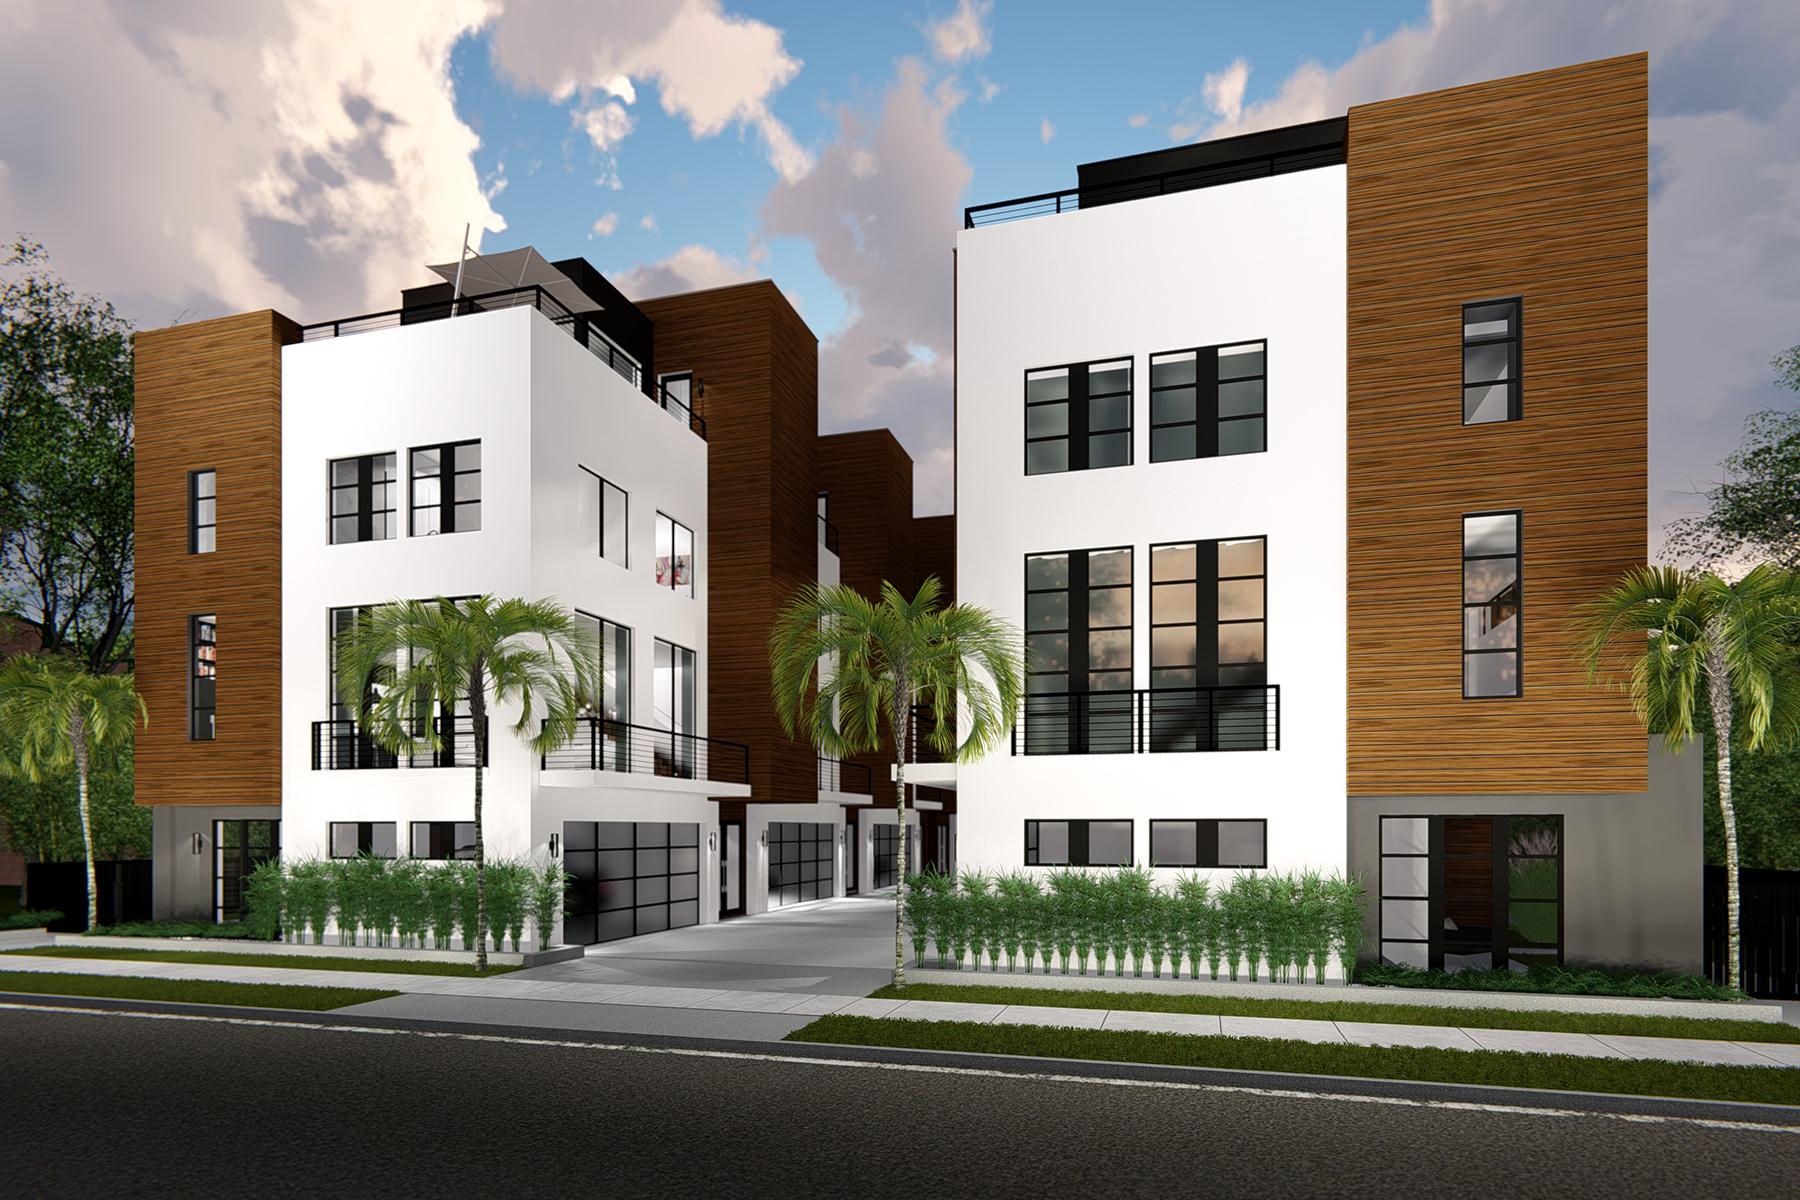 Casa unifamiliar adosada (Townhouse) por un Venta en ORLANDO - FLORIDA 114 E Marks St 10 Orlando, Florida 32803 Estados Unidos